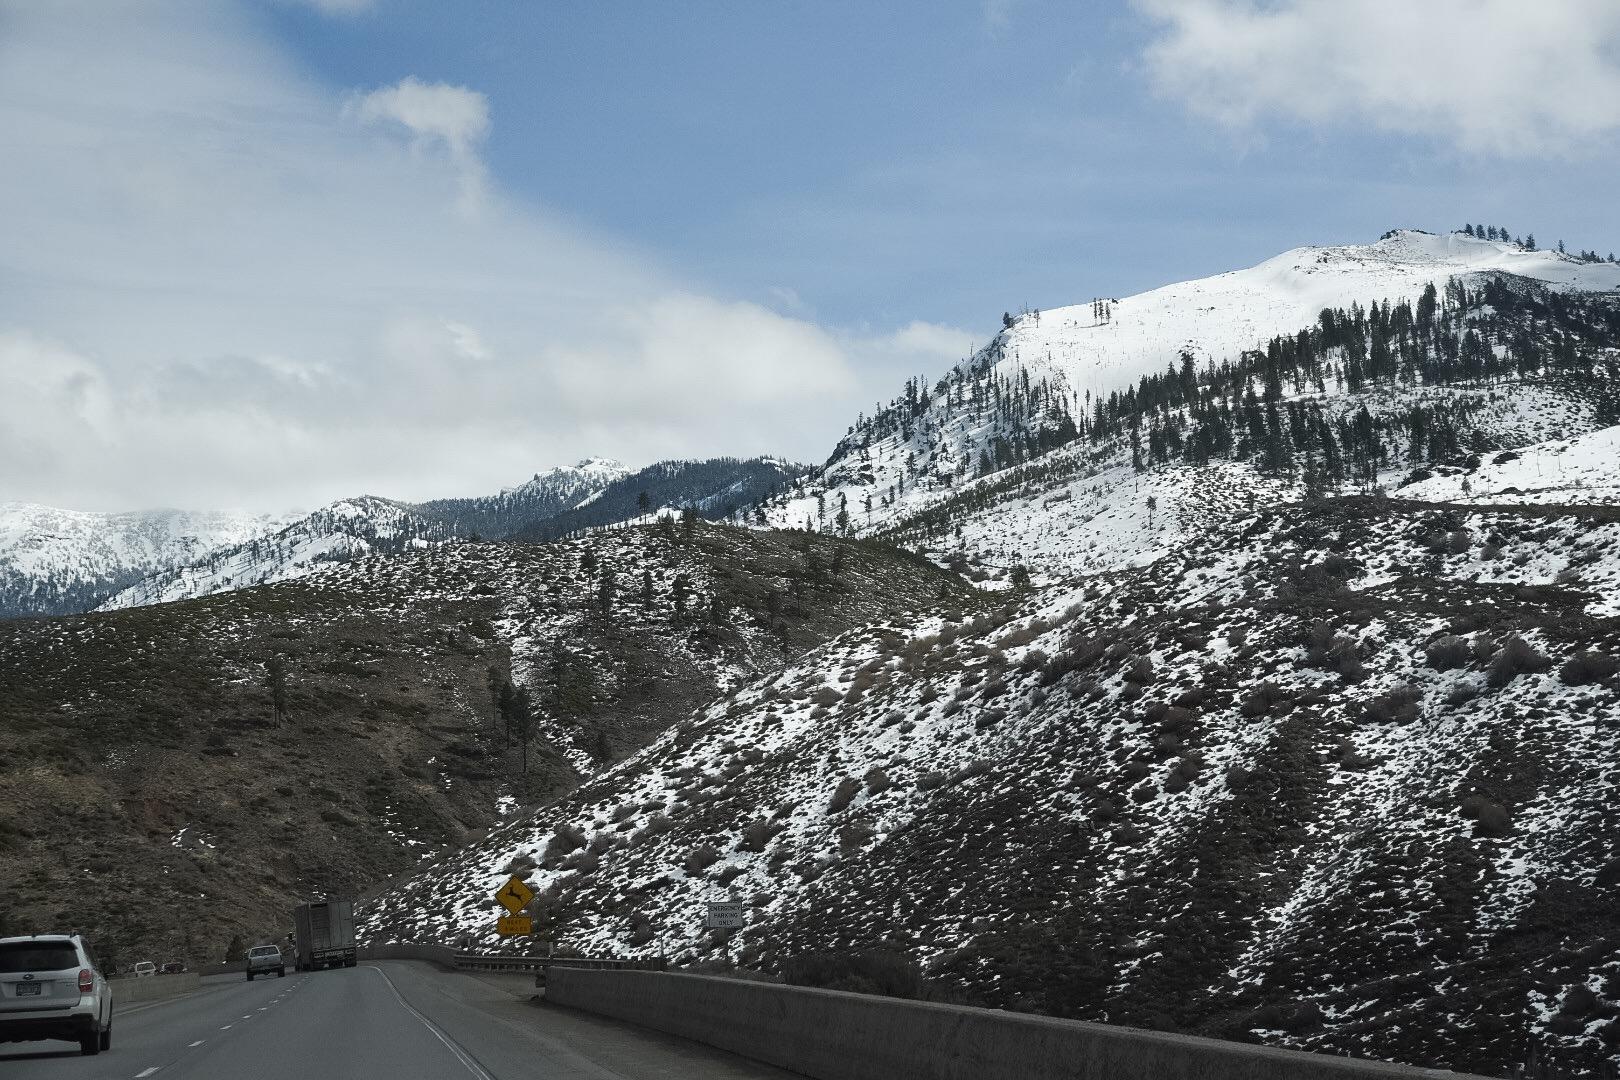 Day 1: Sierras